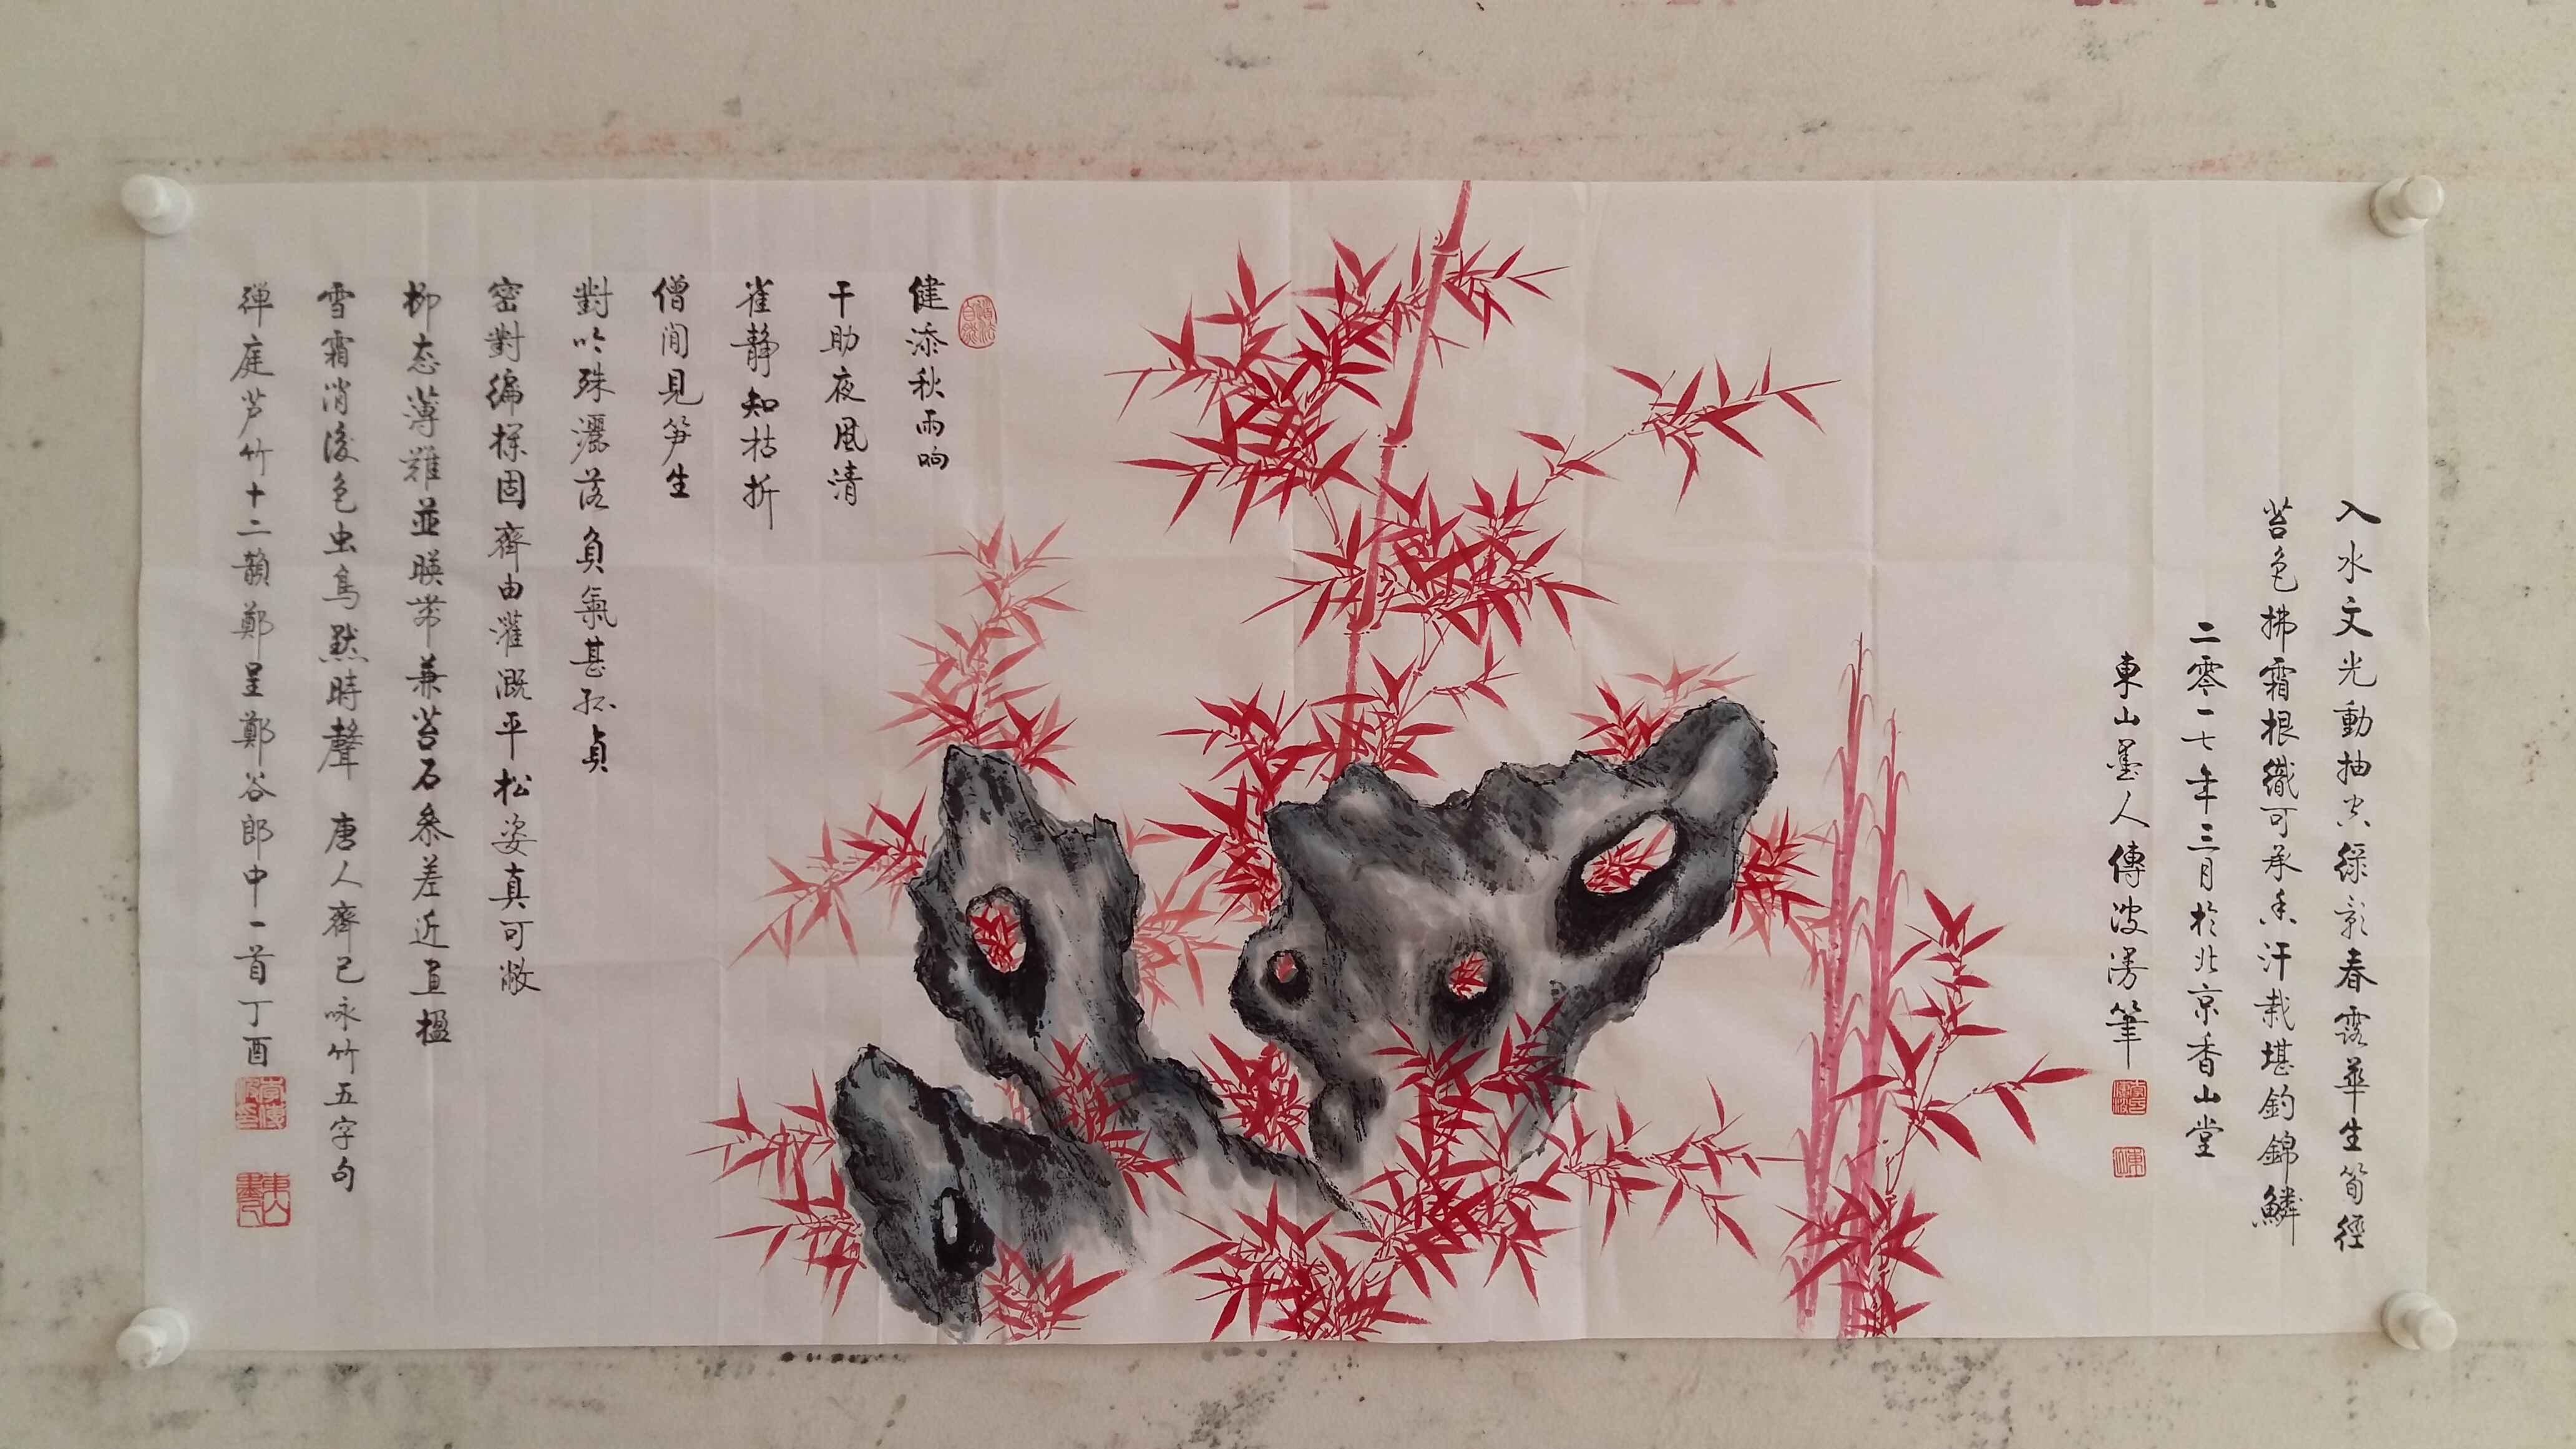 李传波精美国画竹子图欣赏 带你领略竹风神韵图片